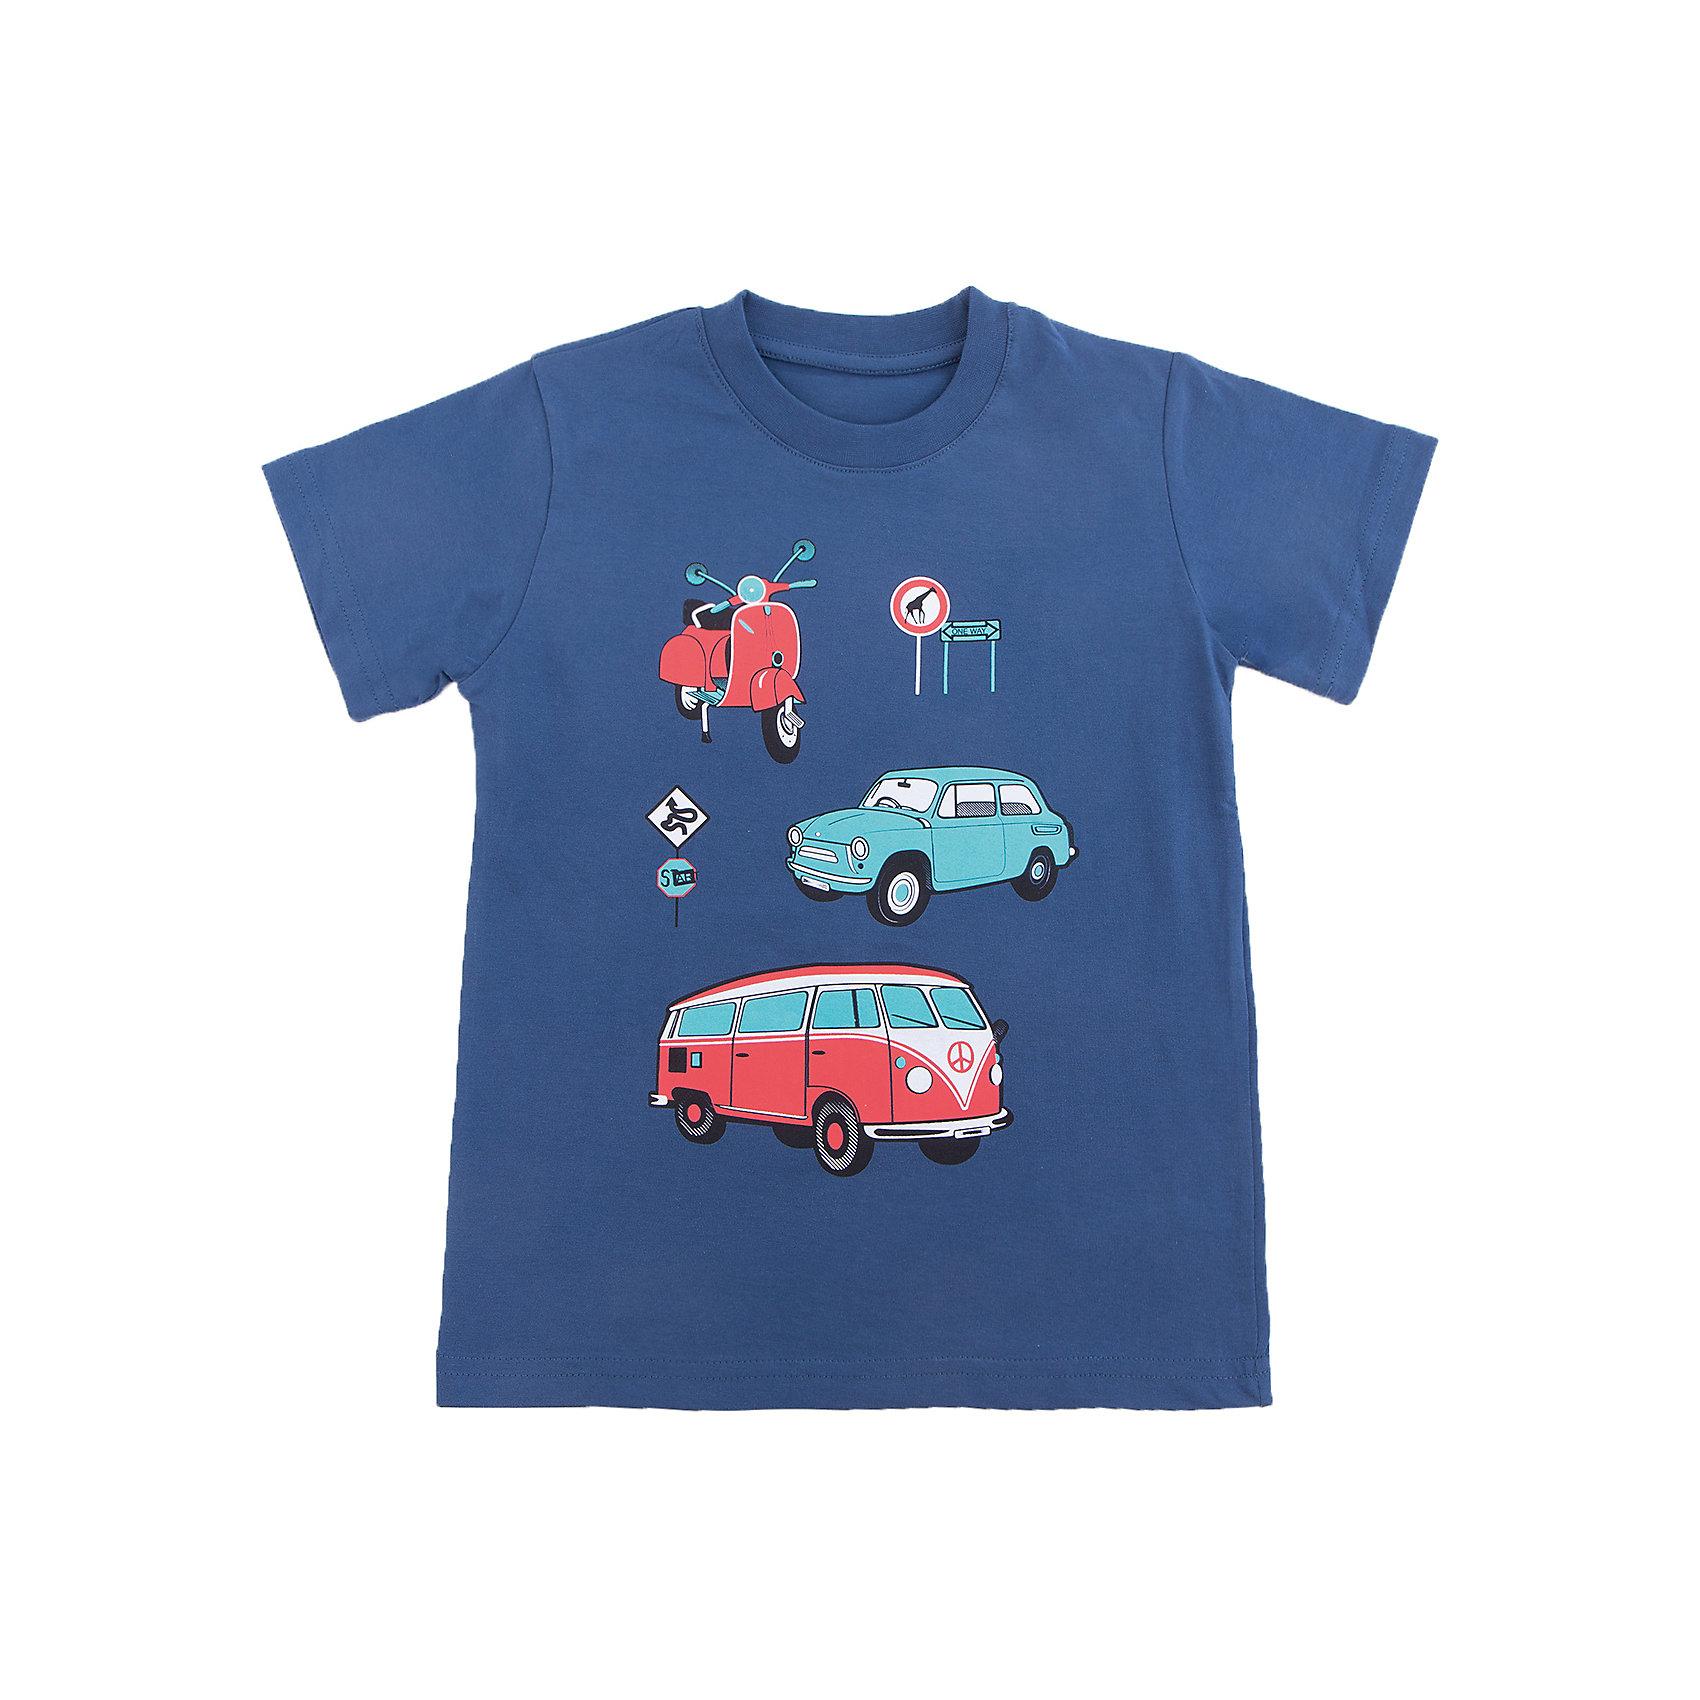 Футболка для мальчика WOWФутболки, поло и топы<br>Футболка для мальчика WOW<br>Незаменимой вещью в  гардеробе послужит футболка с коротким рукавом. Стильная и в тоже время комфортная модель, с яркой оригинальной печатью, будет превосходно смотреться на ребенке.<br>Состав:<br>кулирная гладь 100% хлопок<br><br>Ширина мм: 199<br>Глубина мм: 10<br>Высота мм: 161<br>Вес г: 151<br>Цвет: синий<br>Возраст от месяцев: 72<br>Возраст до месяцев: 84<br>Пол: Мужской<br>Возраст: Детский<br>Размер: 122,98,104,110,116<br>SKU: 6871674